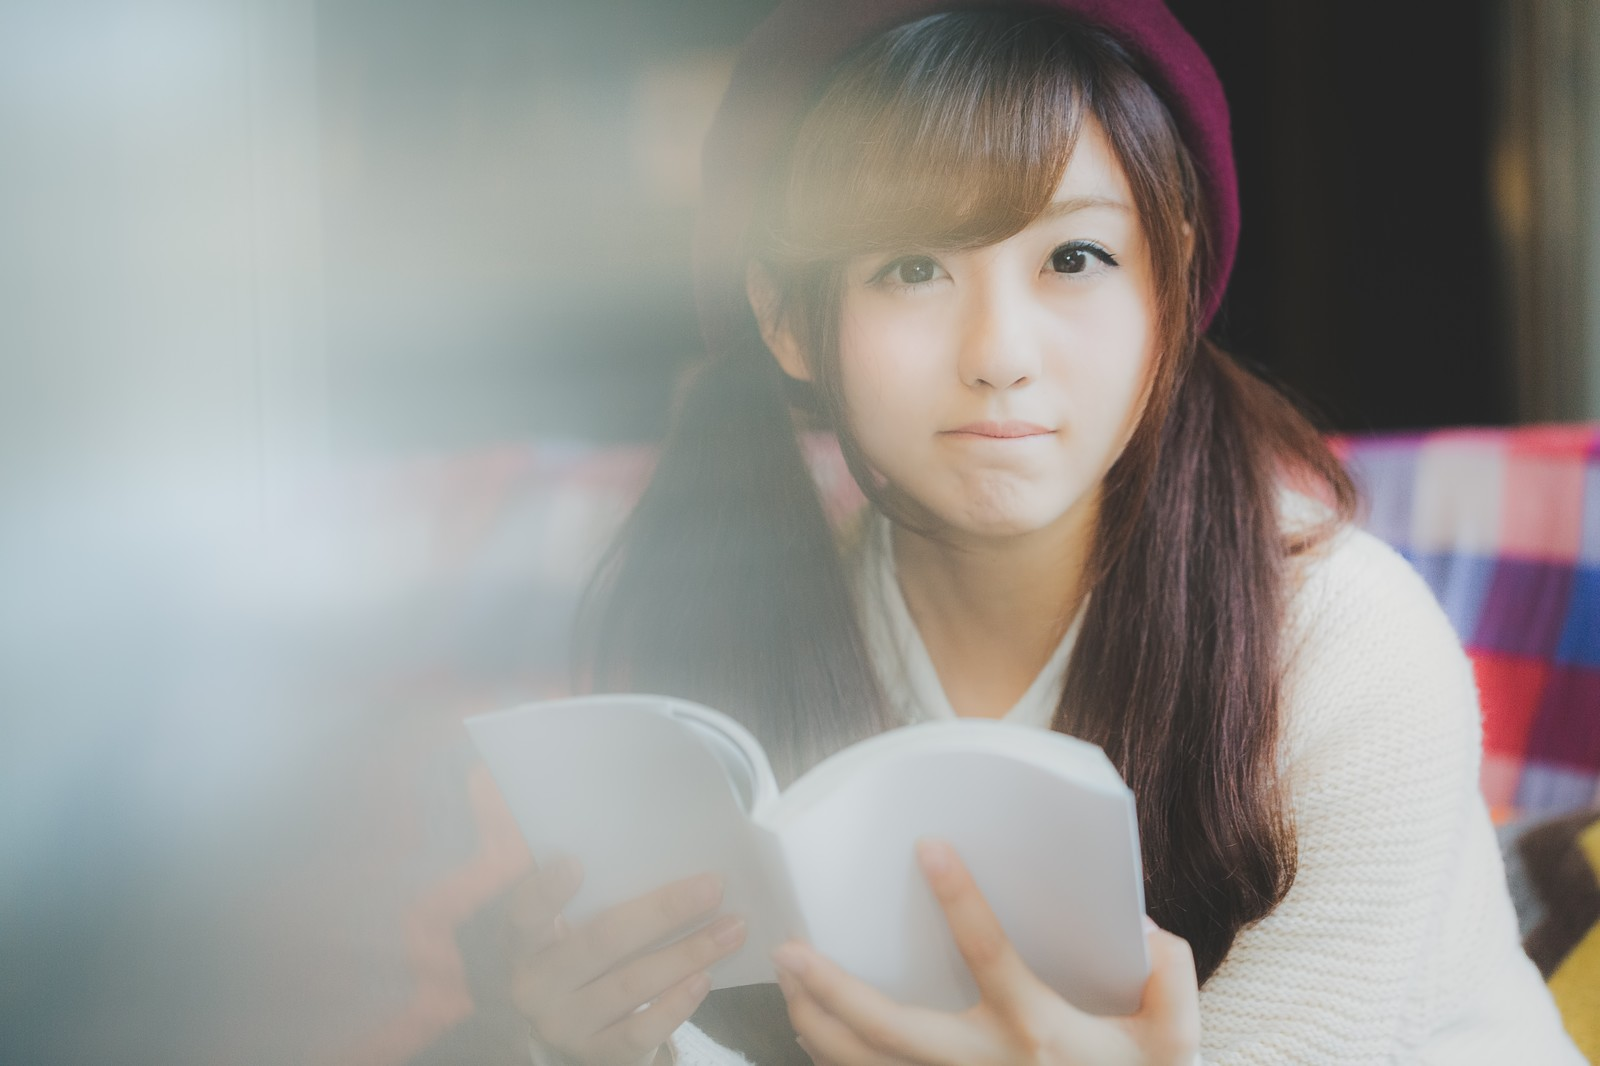 「読書に夢中なあの子と目があった読書に夢中なあの子と目があった」[モデル:河村友歌]のフリー写真素材を拡大